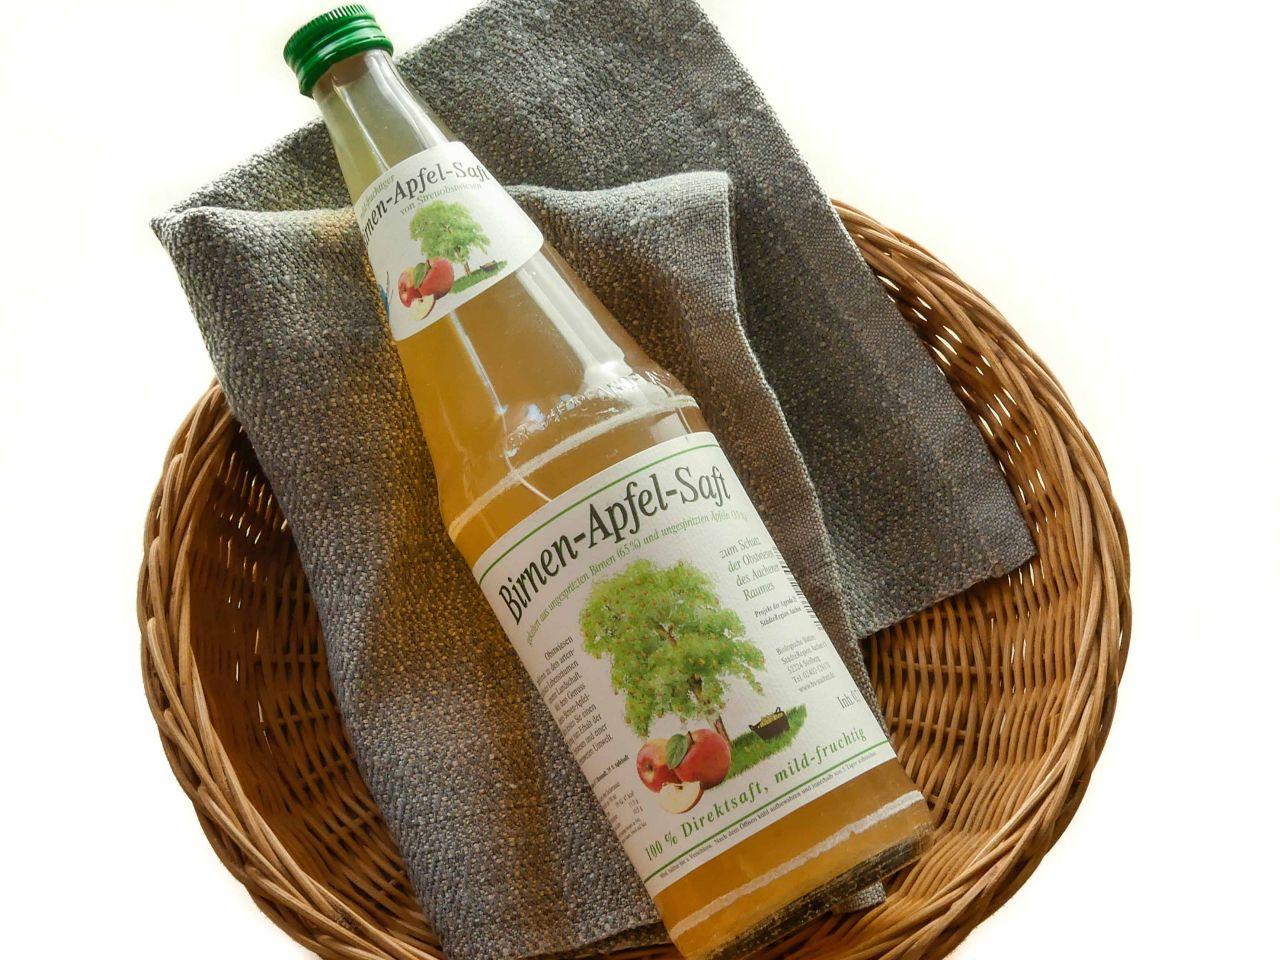 Birnen- Apfelsaft von Streuobstwiesen